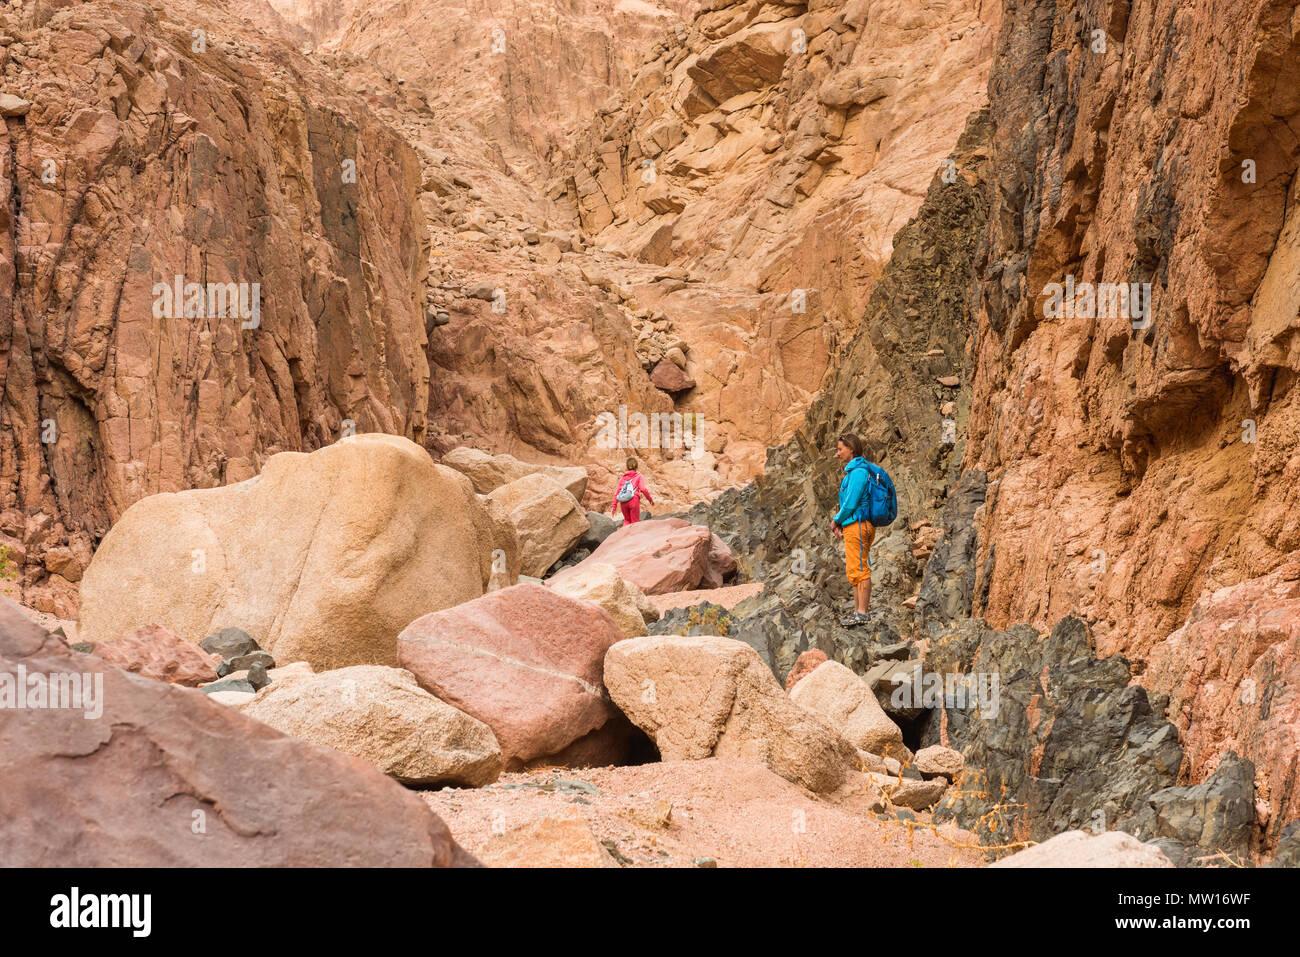 Mujer caminante con mochila disfrute de ver en el desierto Imagen De Stock